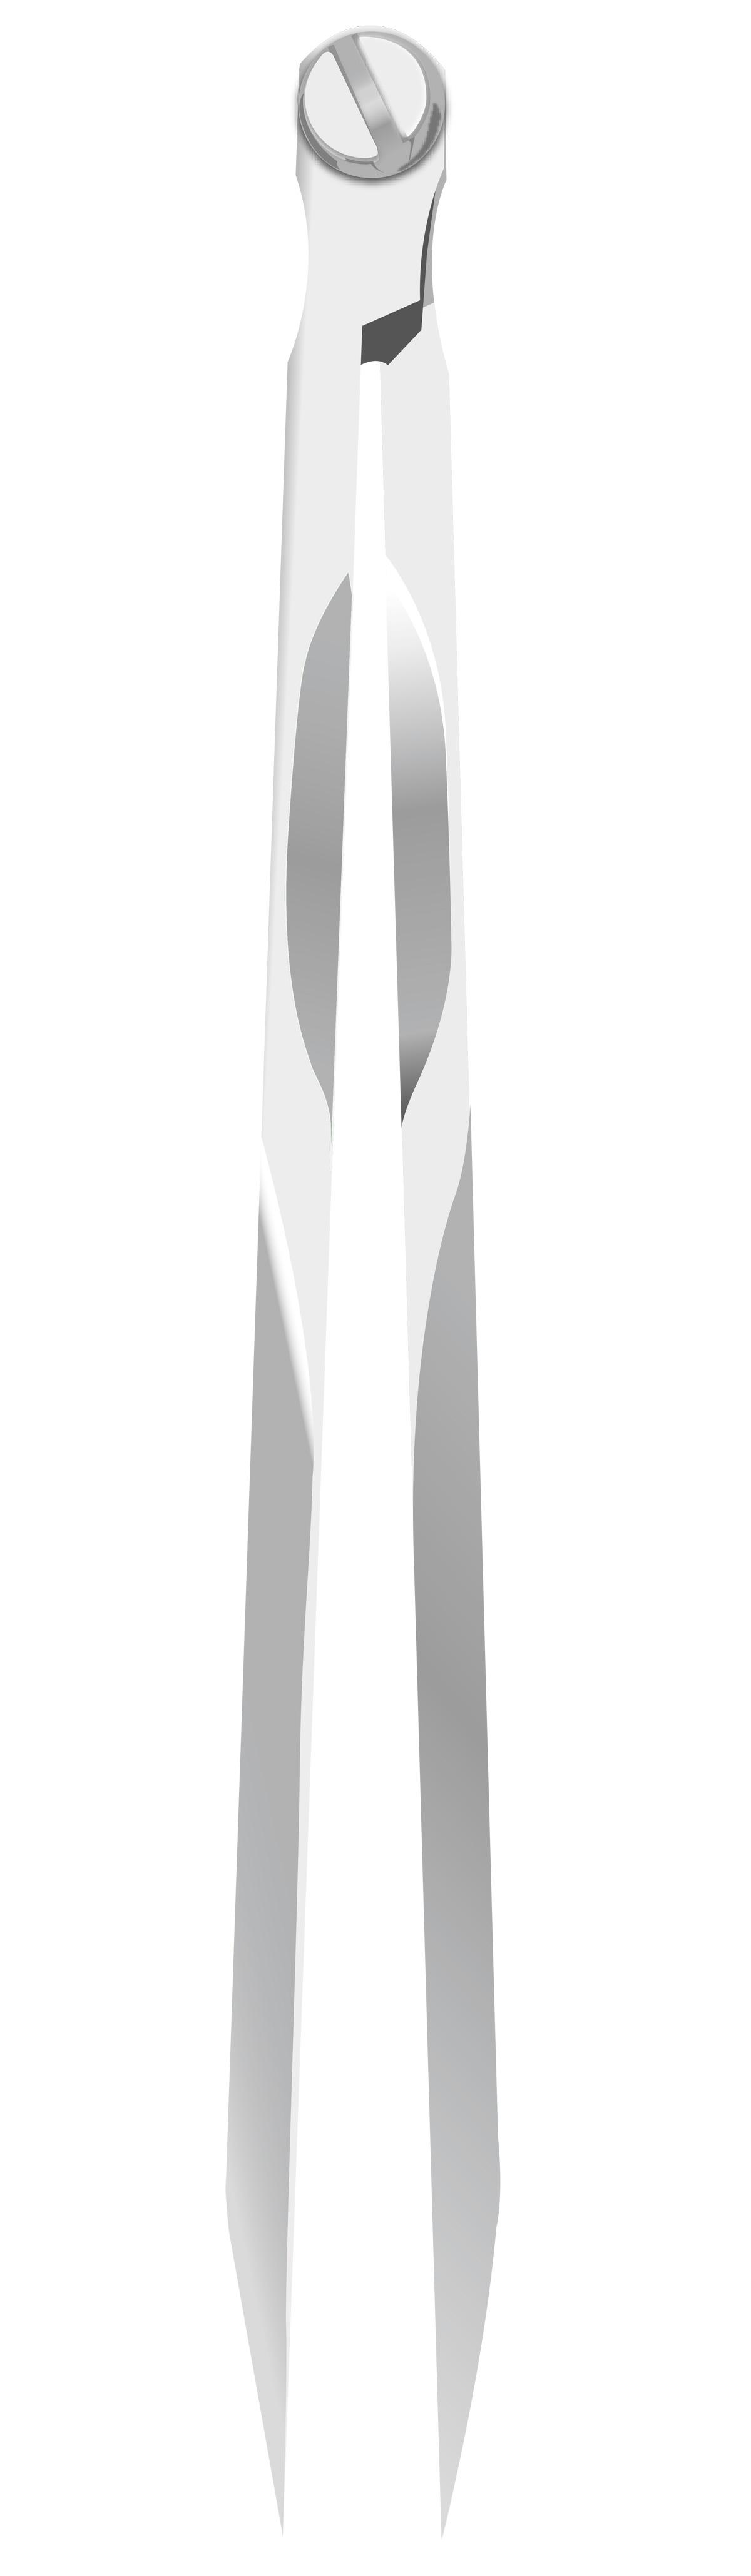 Illustrator Zeichnung eines Marinezirkel exakt nach Vorlage.